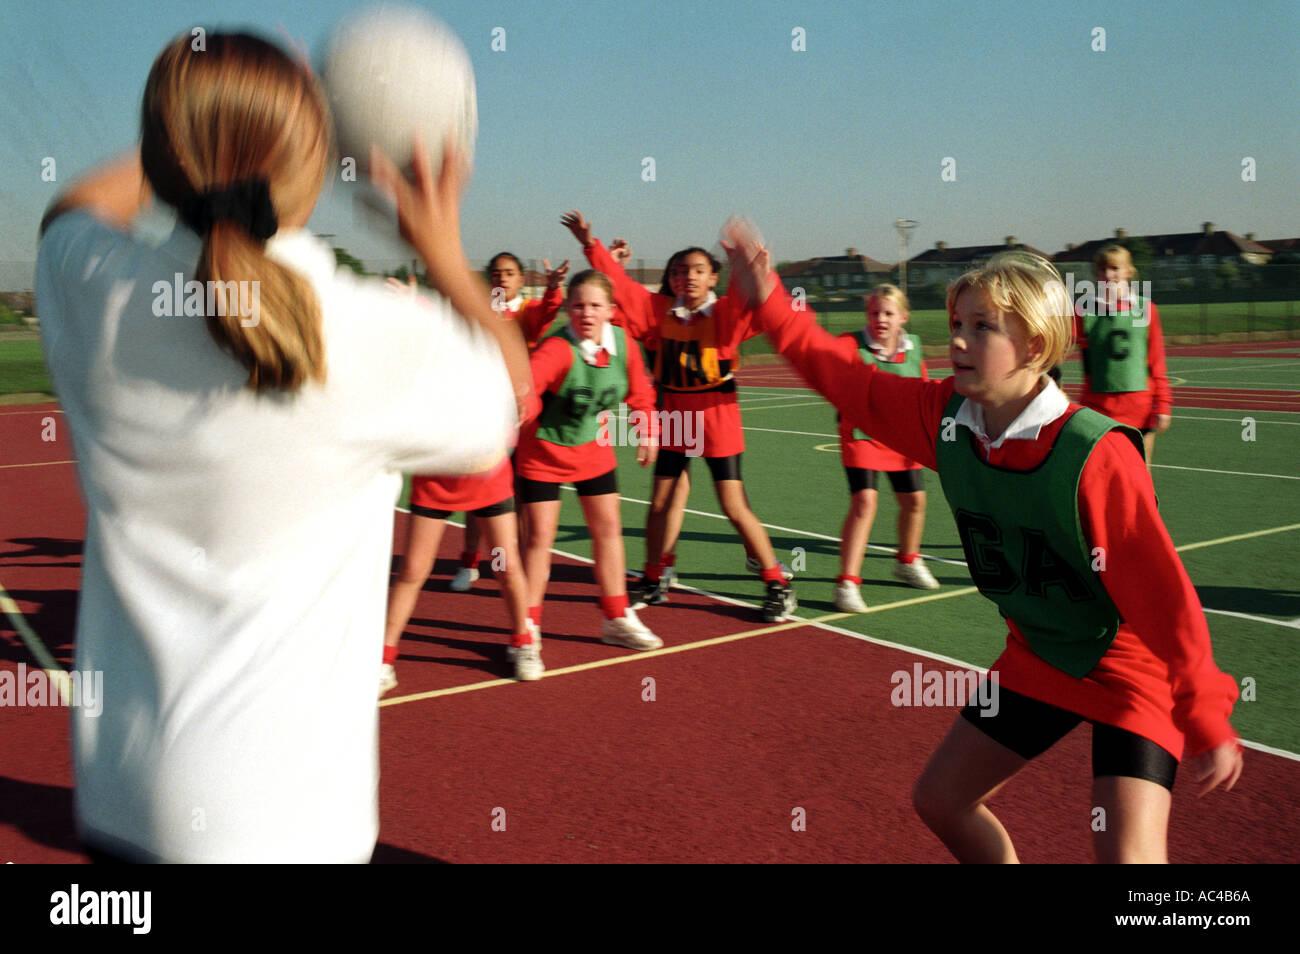 Las mujeres jugando baloncesto / baloncesto en una escuela secundaria Imagen De Stock